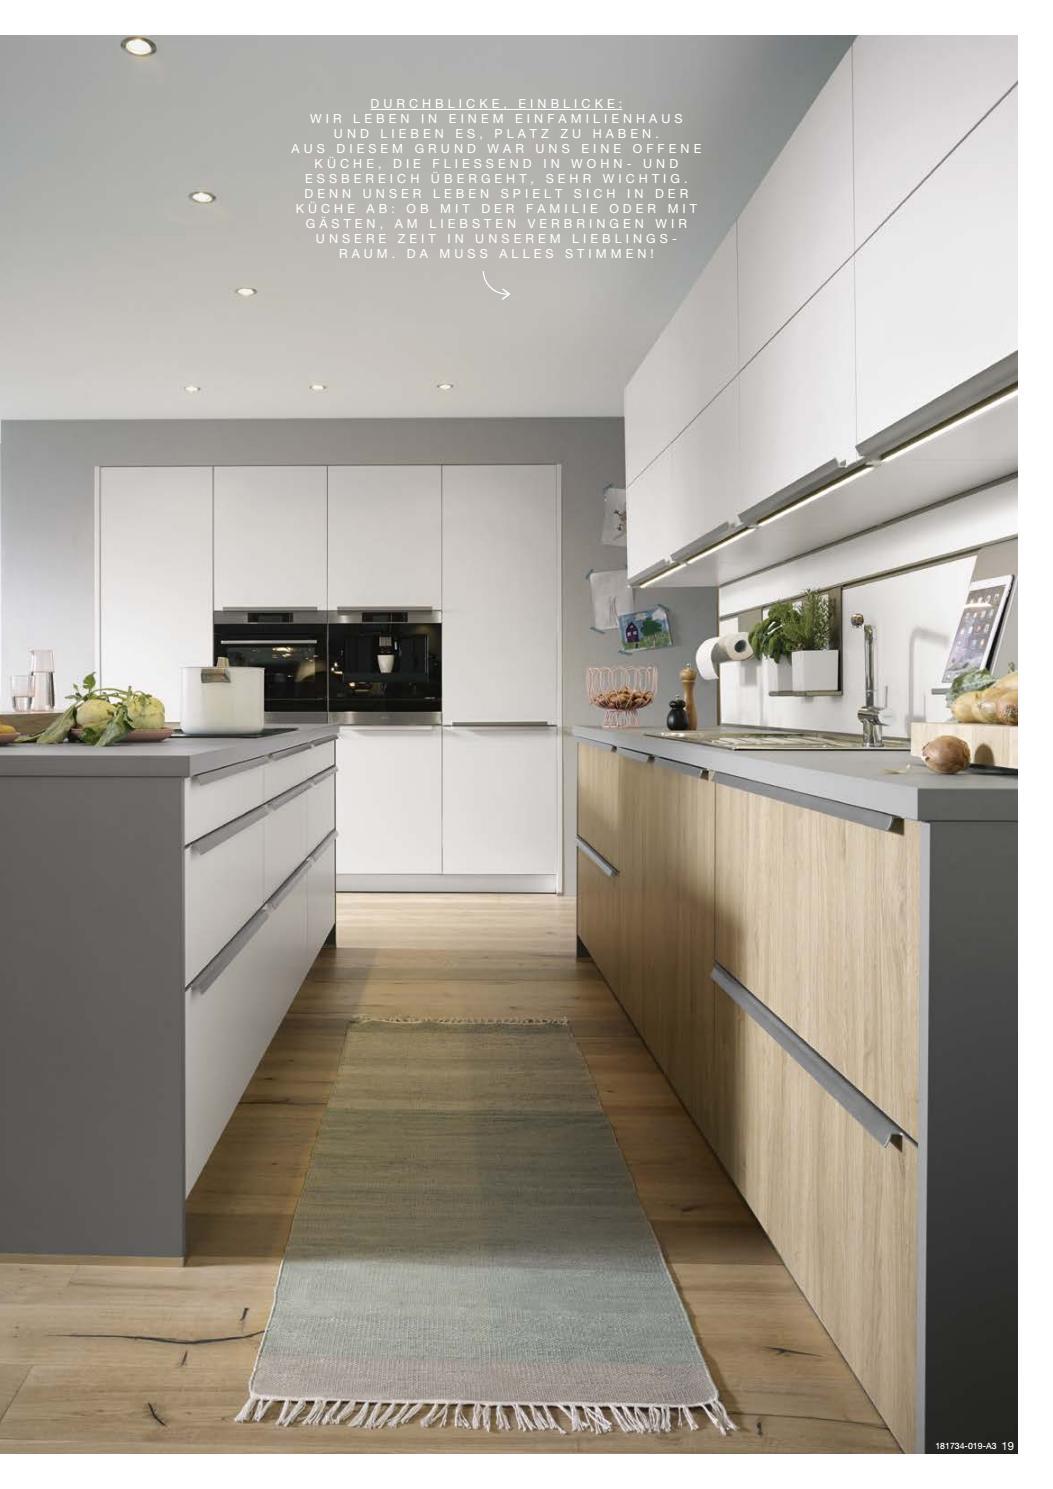 Großartig Küche Banana Yoshimoto Fotos - Küchenschrank Ideen ...